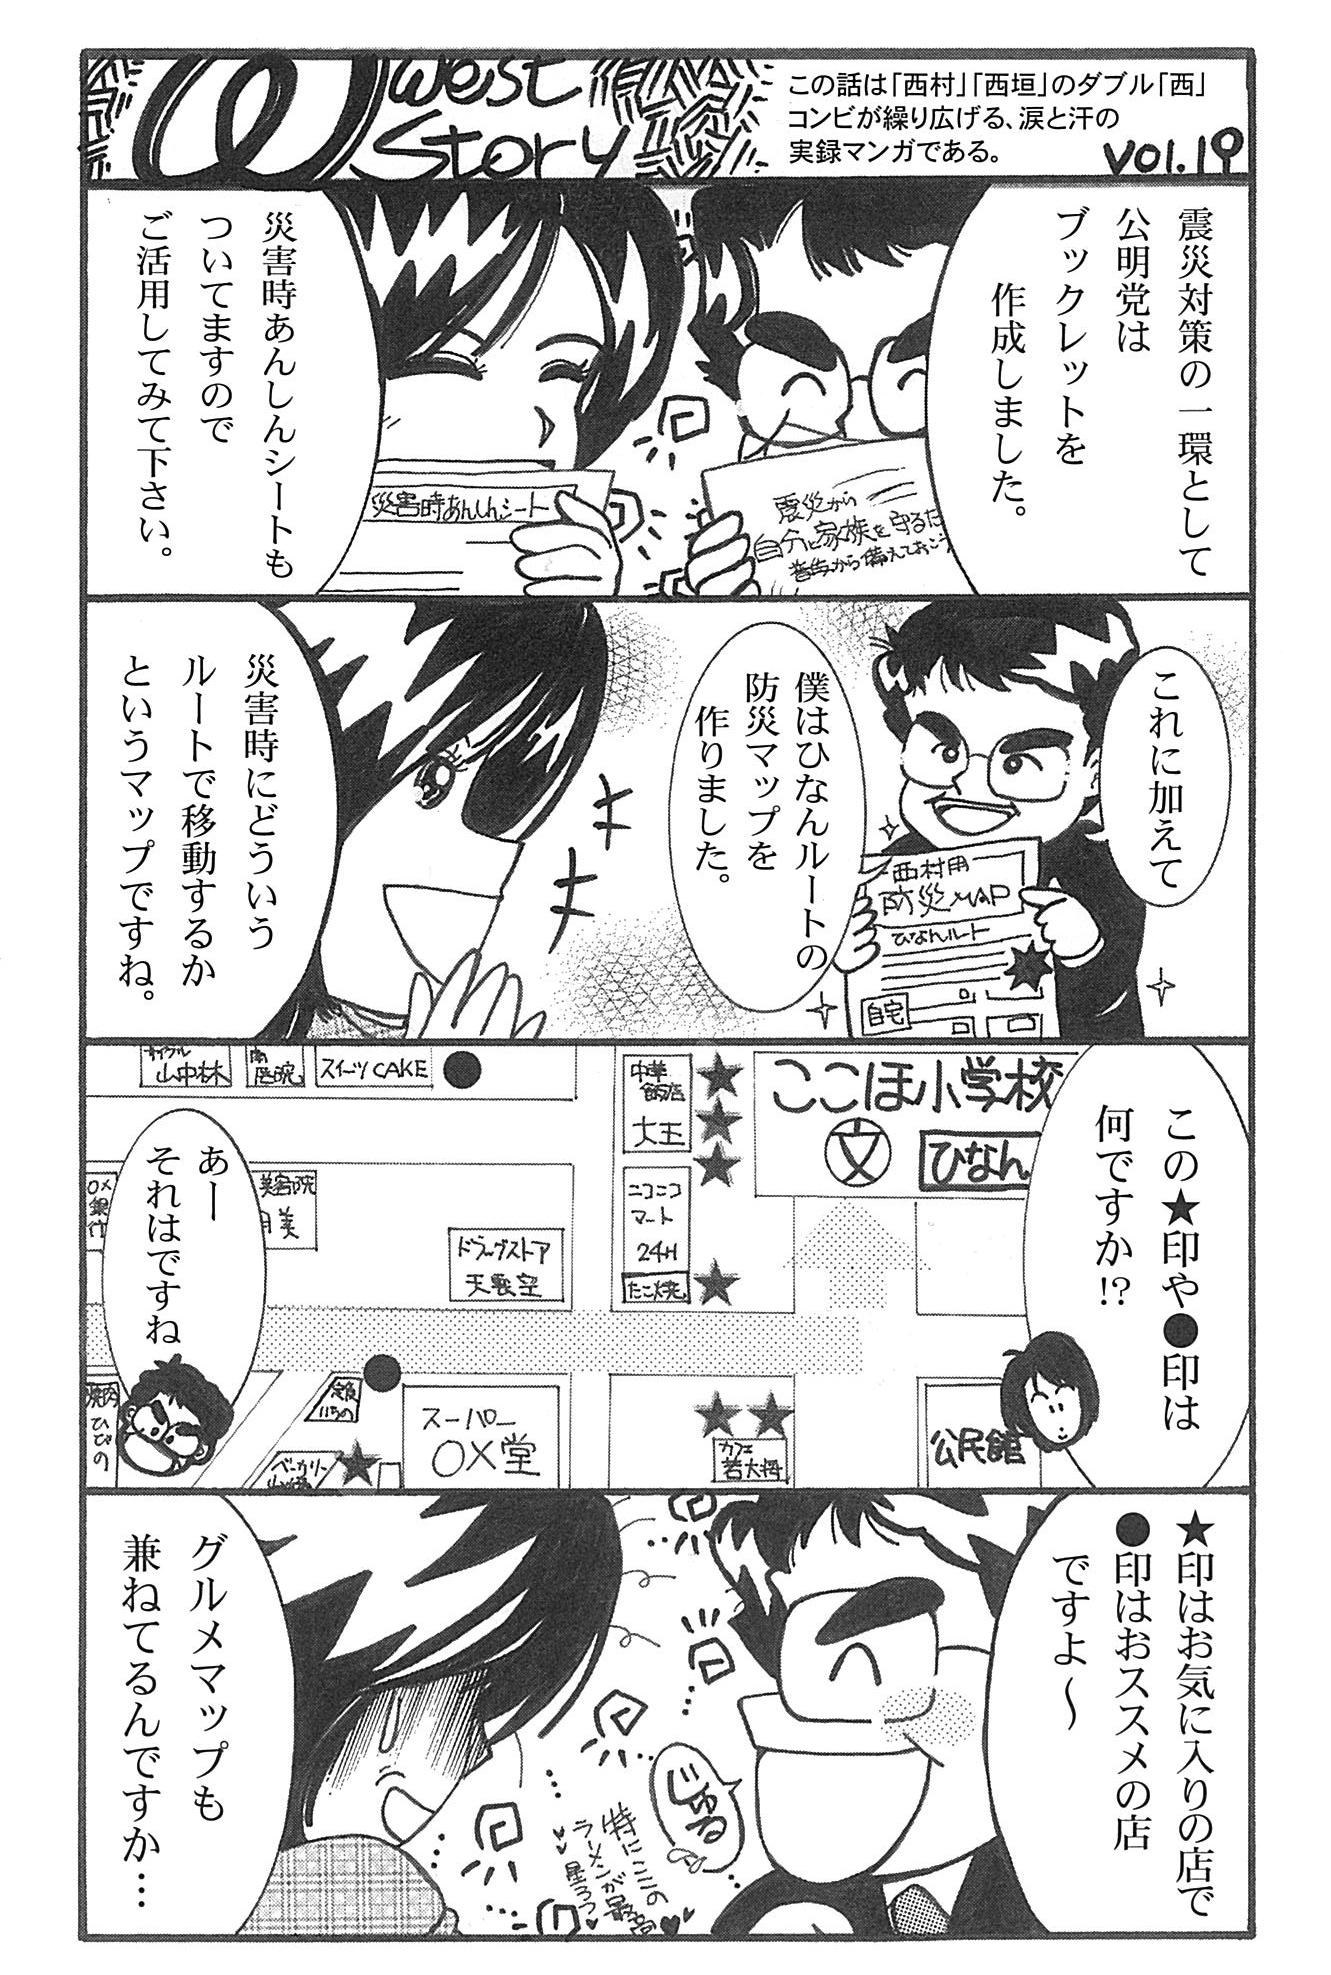 jitsuroku_vol19.jpg